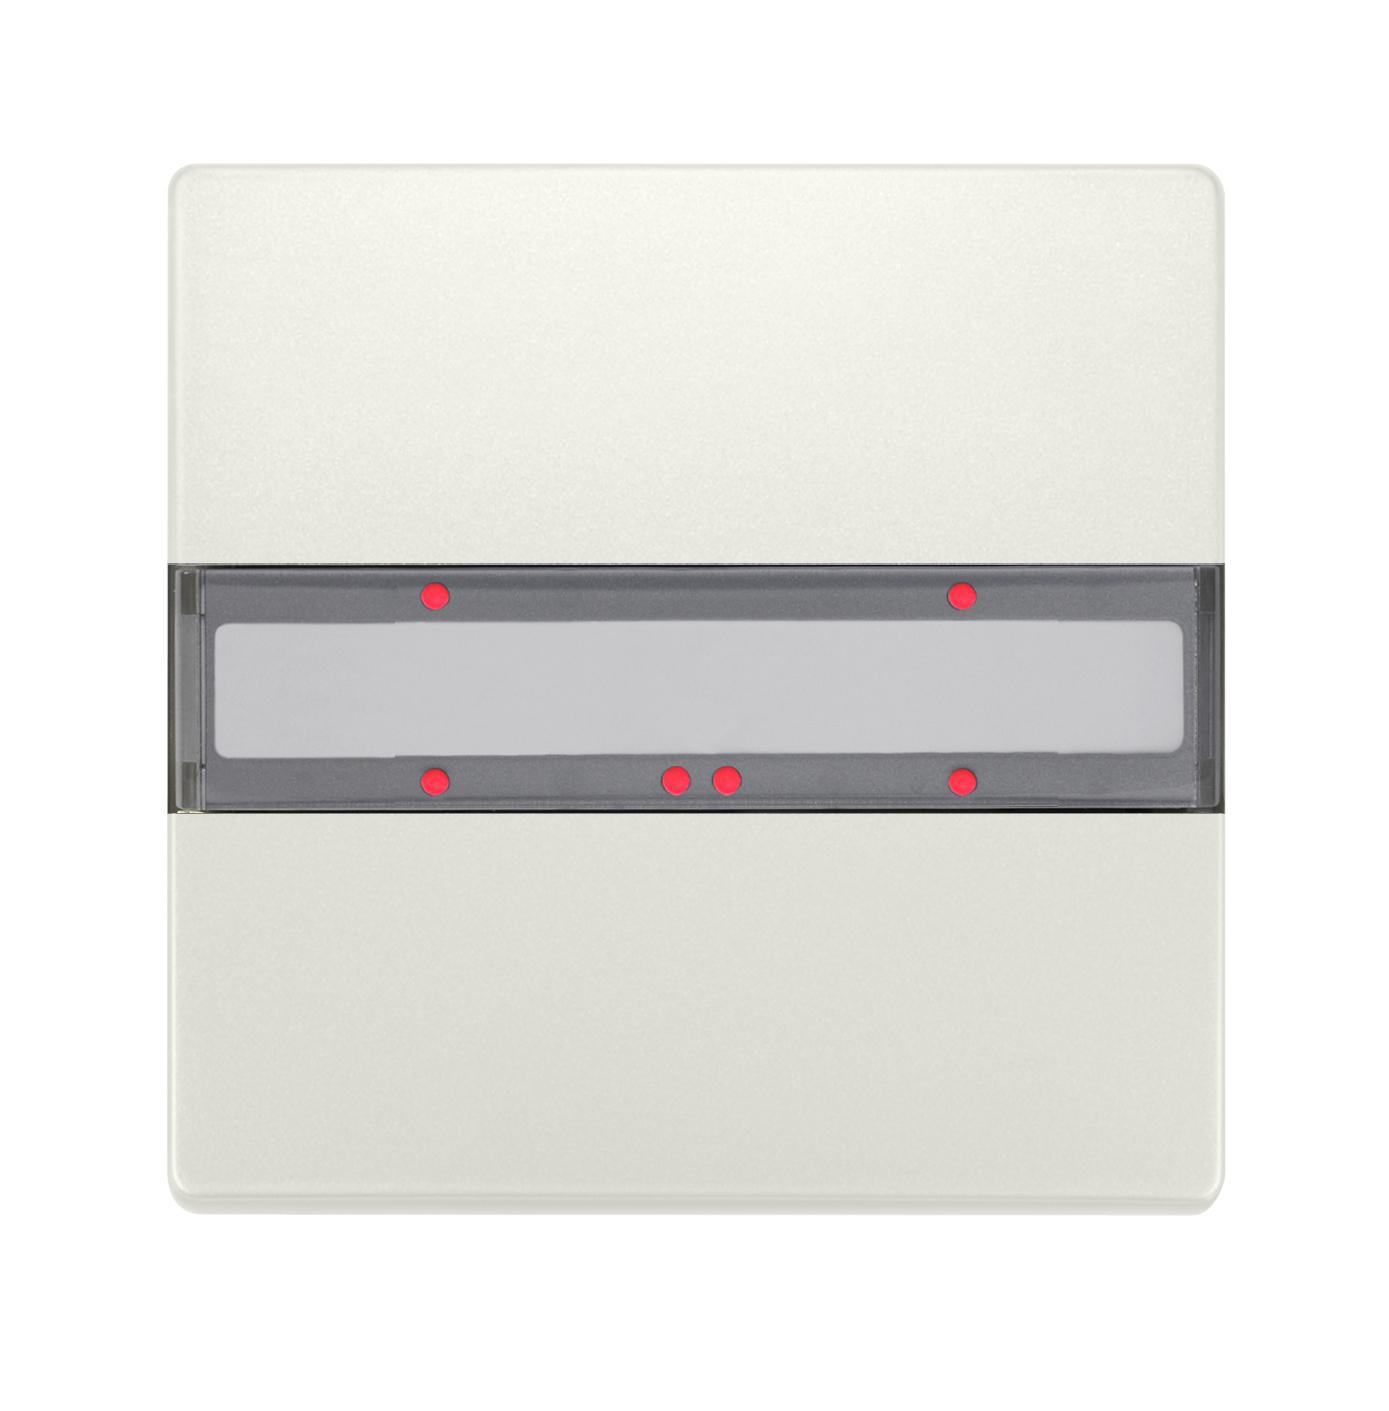 1 Stk Taster 1-fach mit Status-LED, DELTA style, titanweiß KX2852DB13